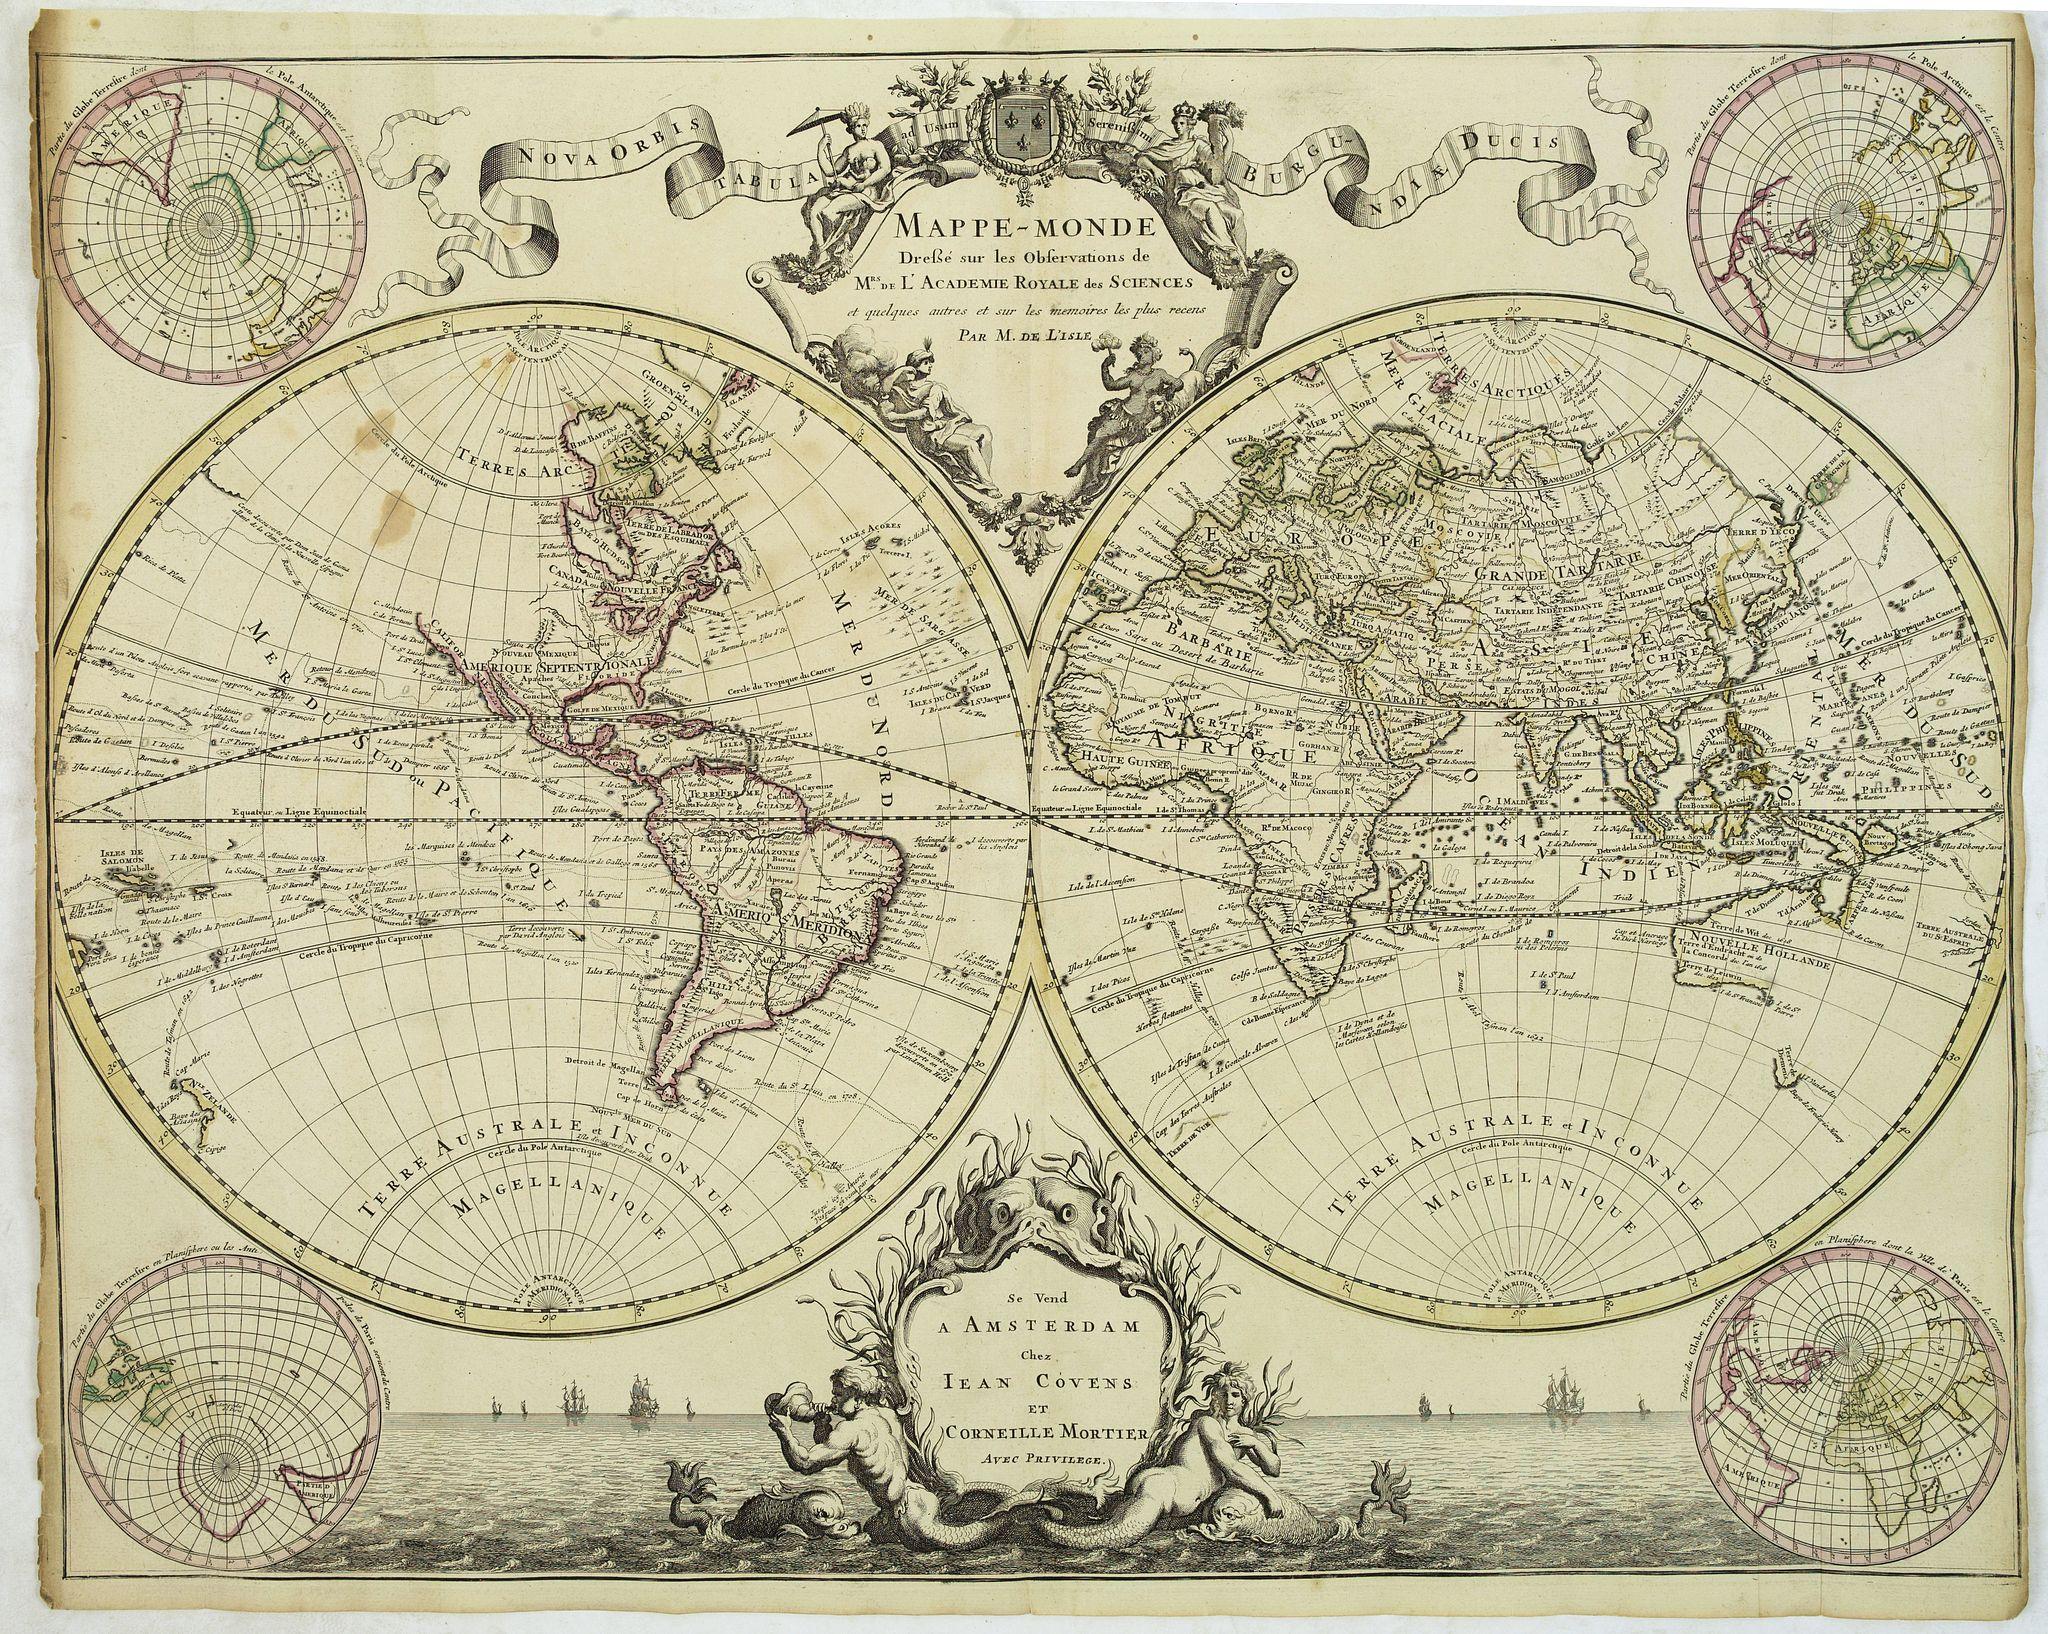 DE L'ISLE, G. / MORTIER, P. -  Mappe-Monde dressé sur les observations de M.rs. De L'Academie Royale des Sciences ..